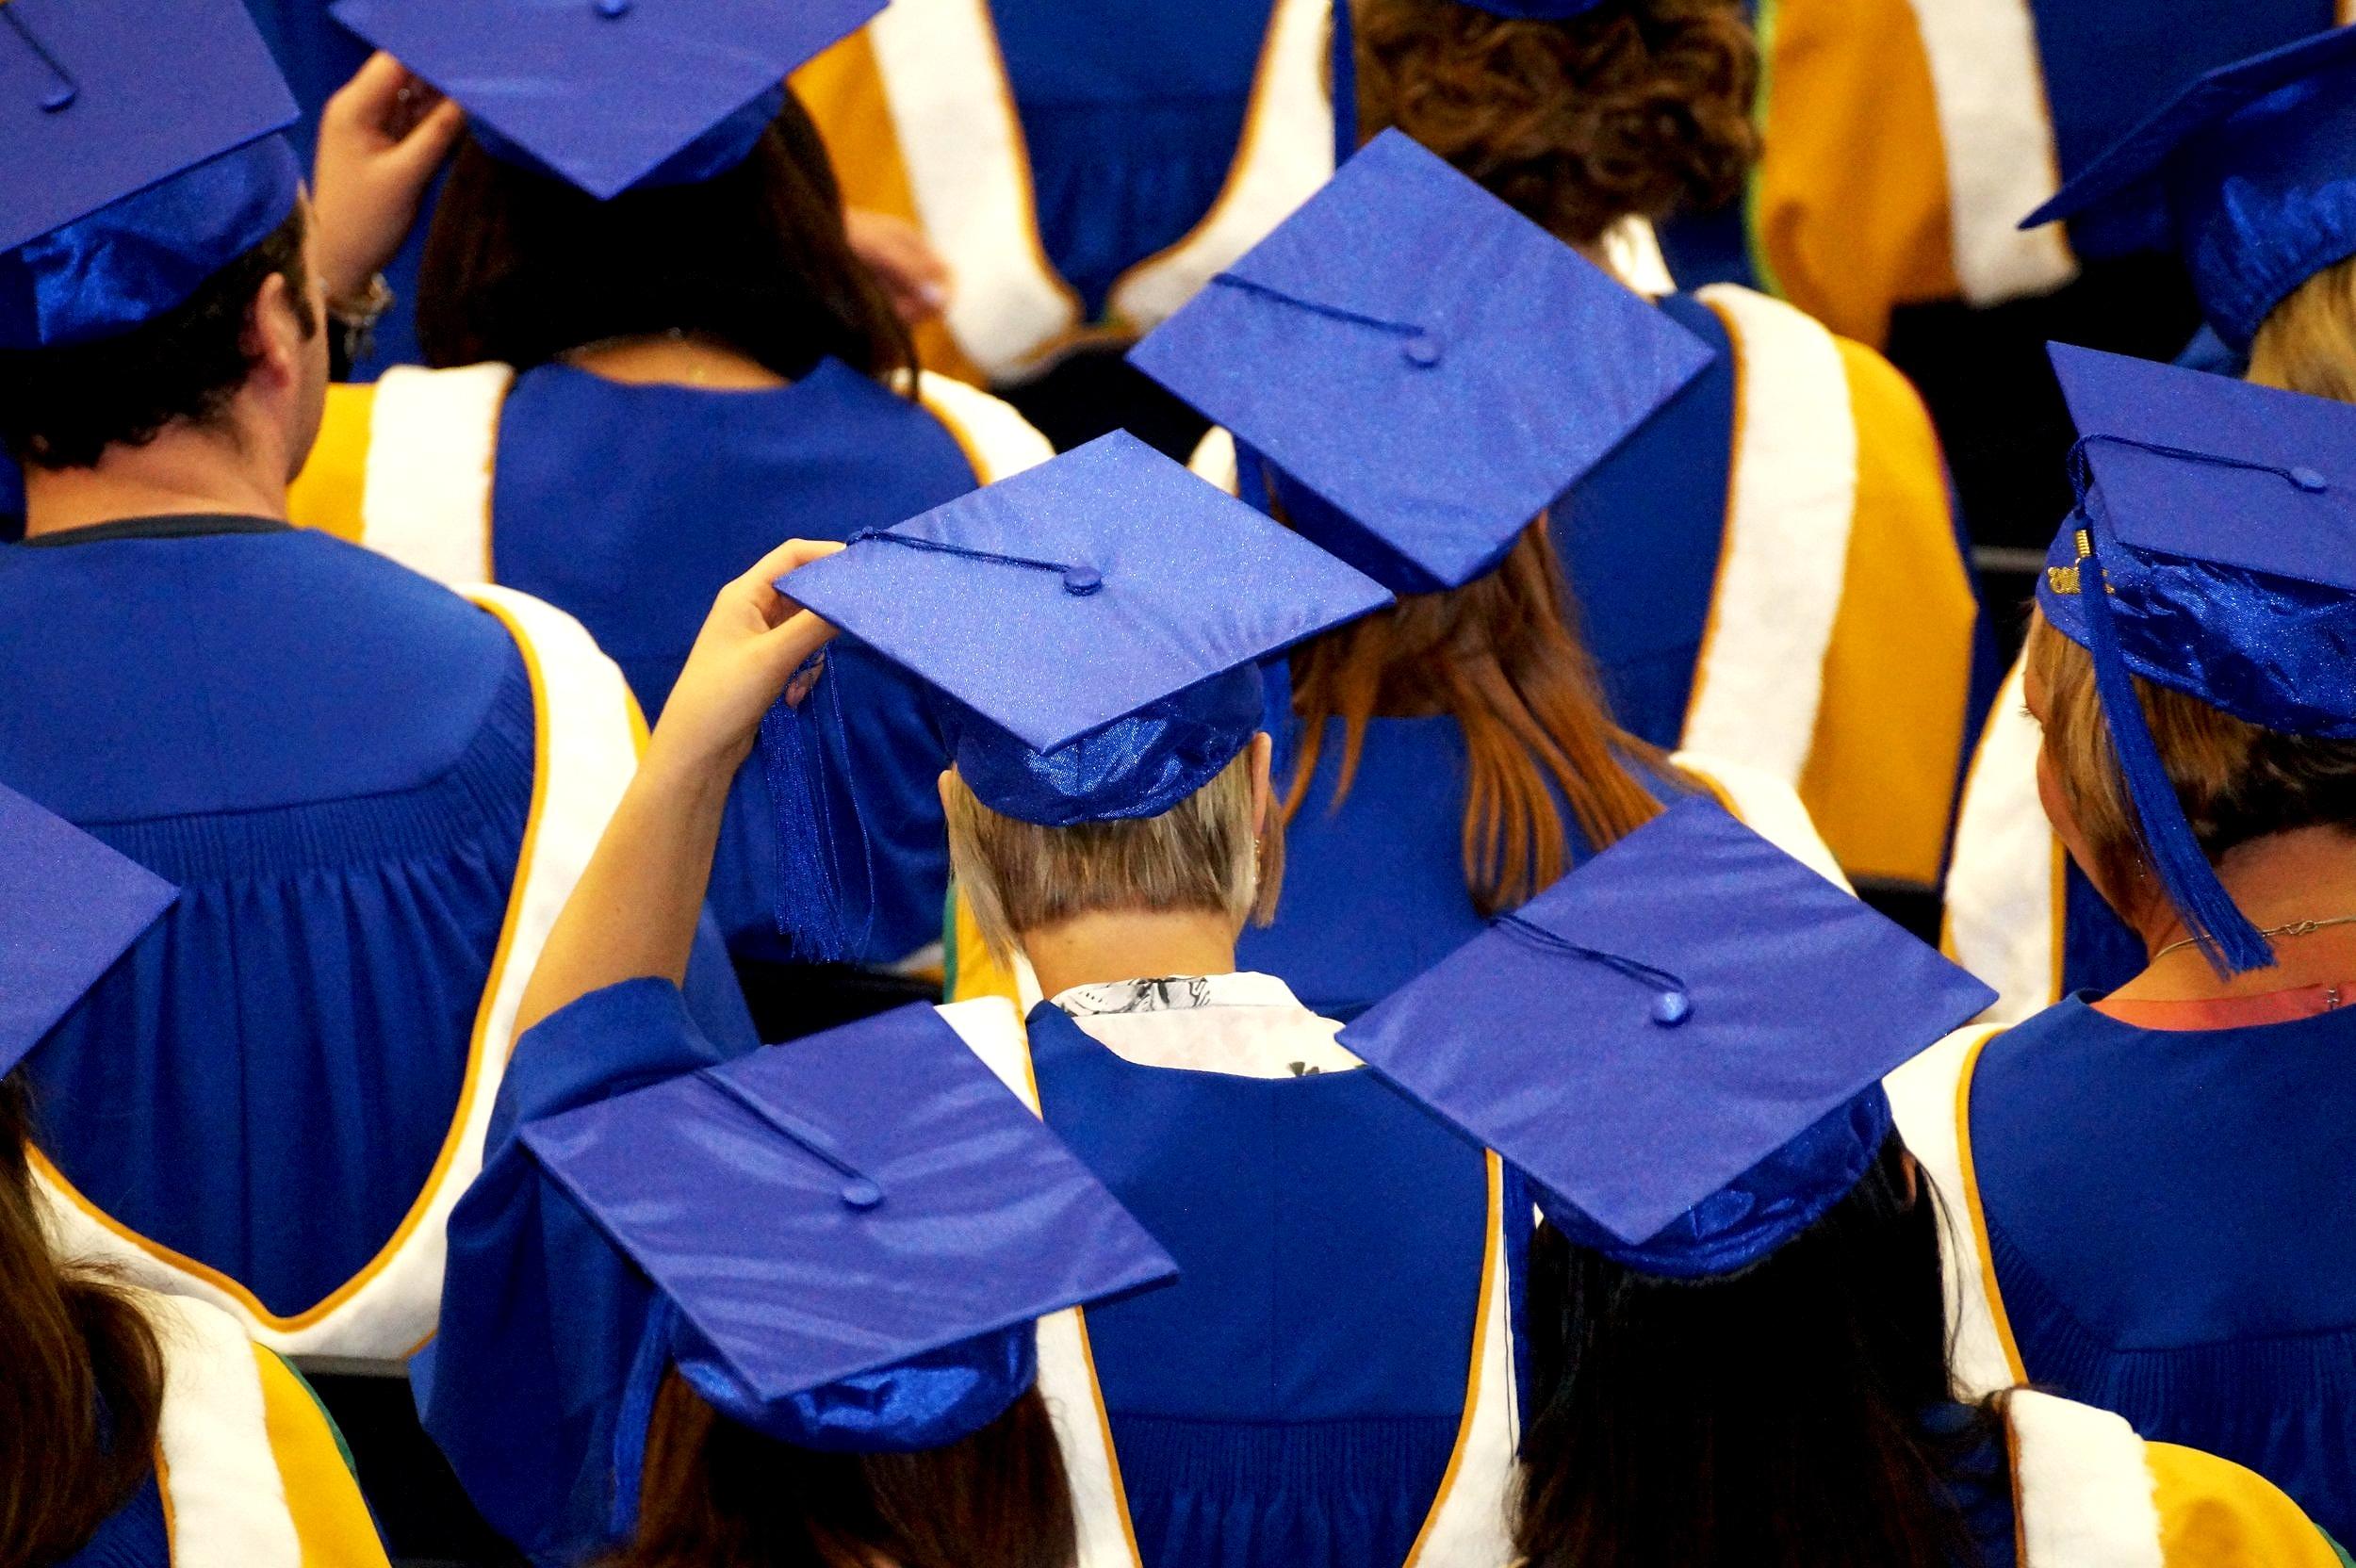 La Gran Recesión supuso un cambio para las universidades en todo mundo, desde entonces, el concepto de estudios superiores ha cambiado. -